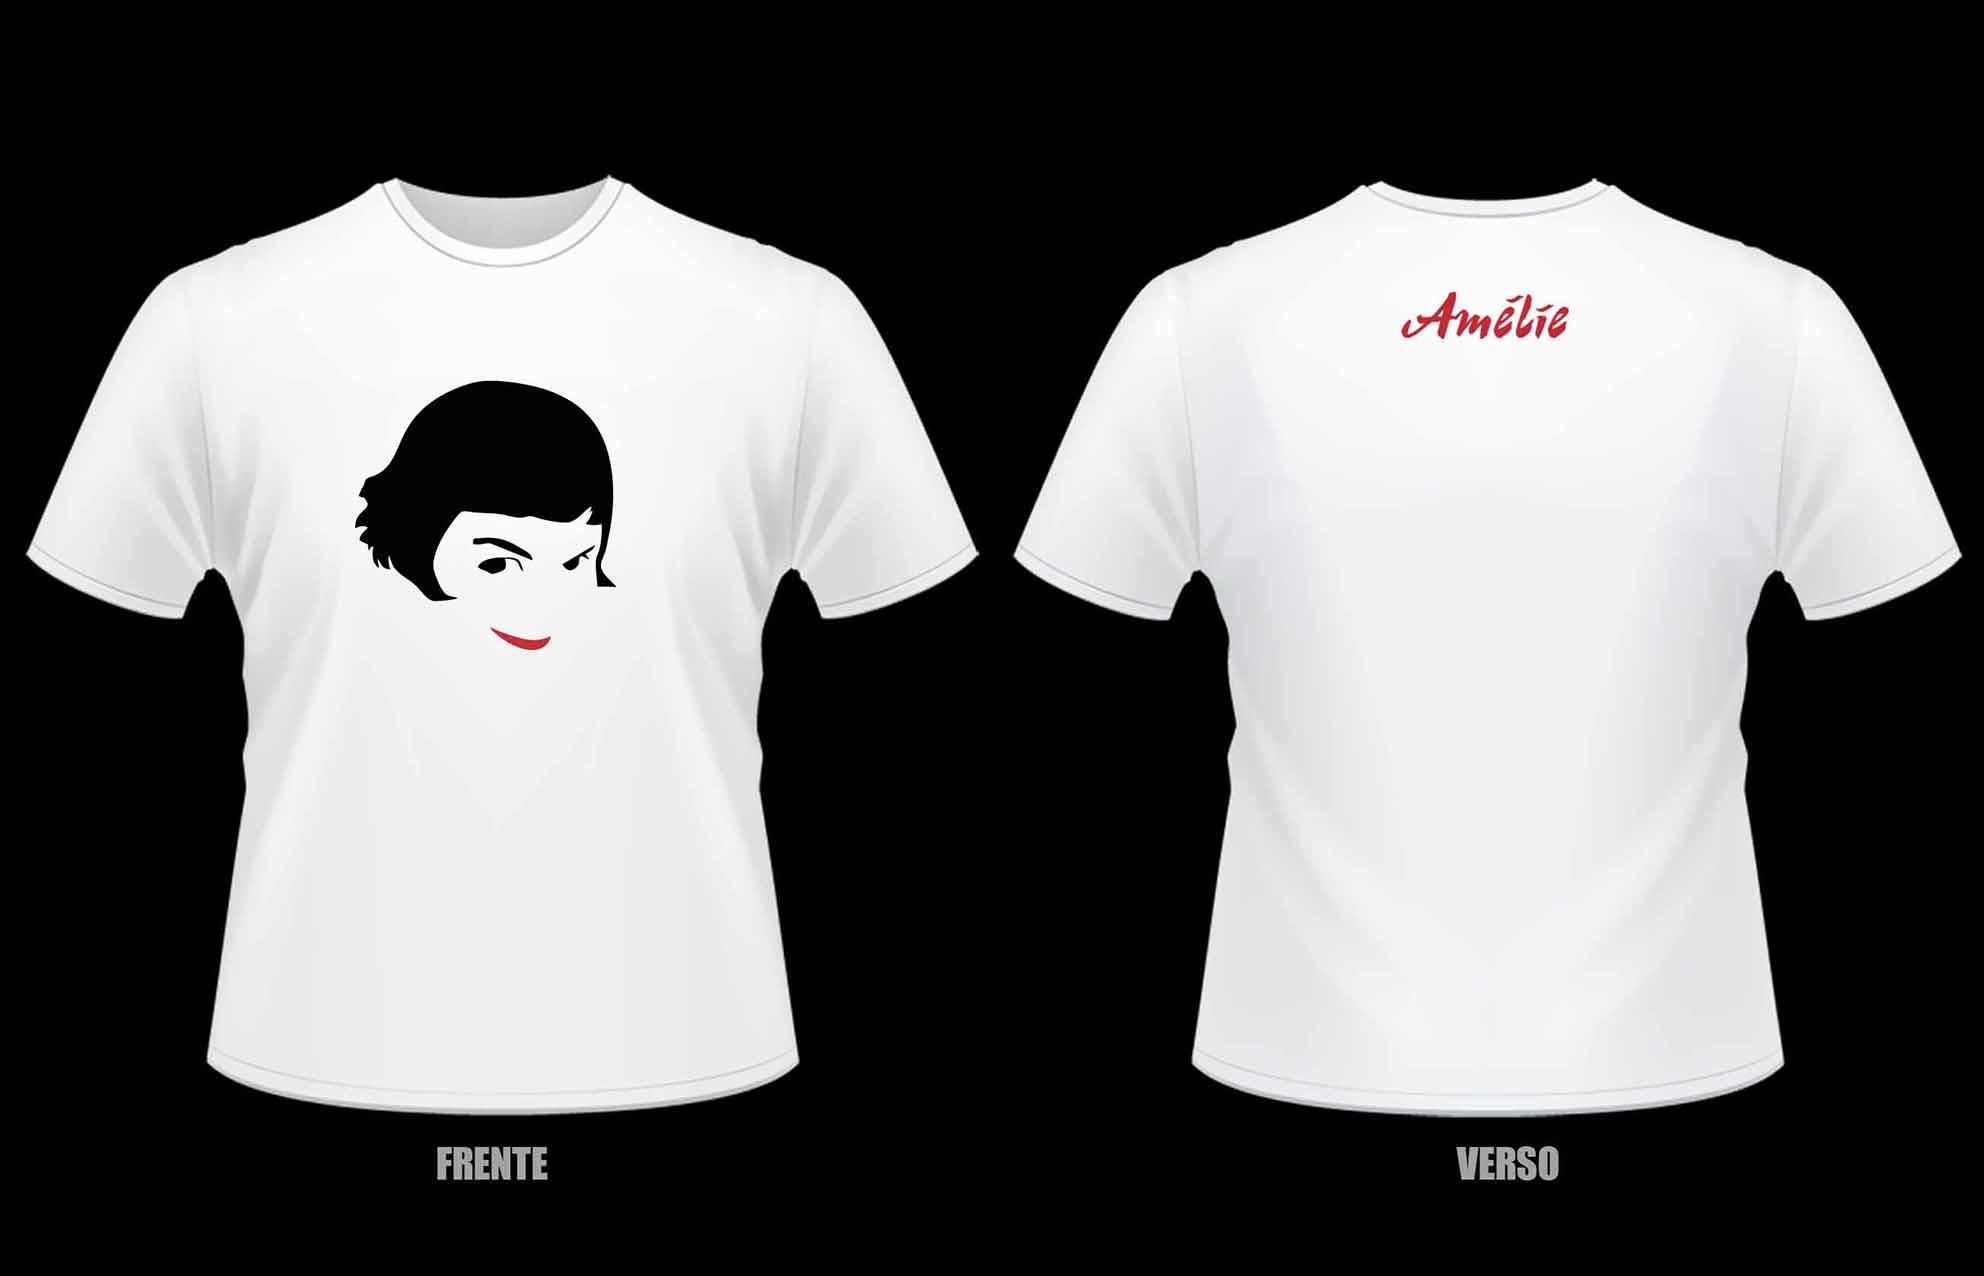 Camiseta Amelie Poulain No Elo7 Rockstickers Presentes A45520